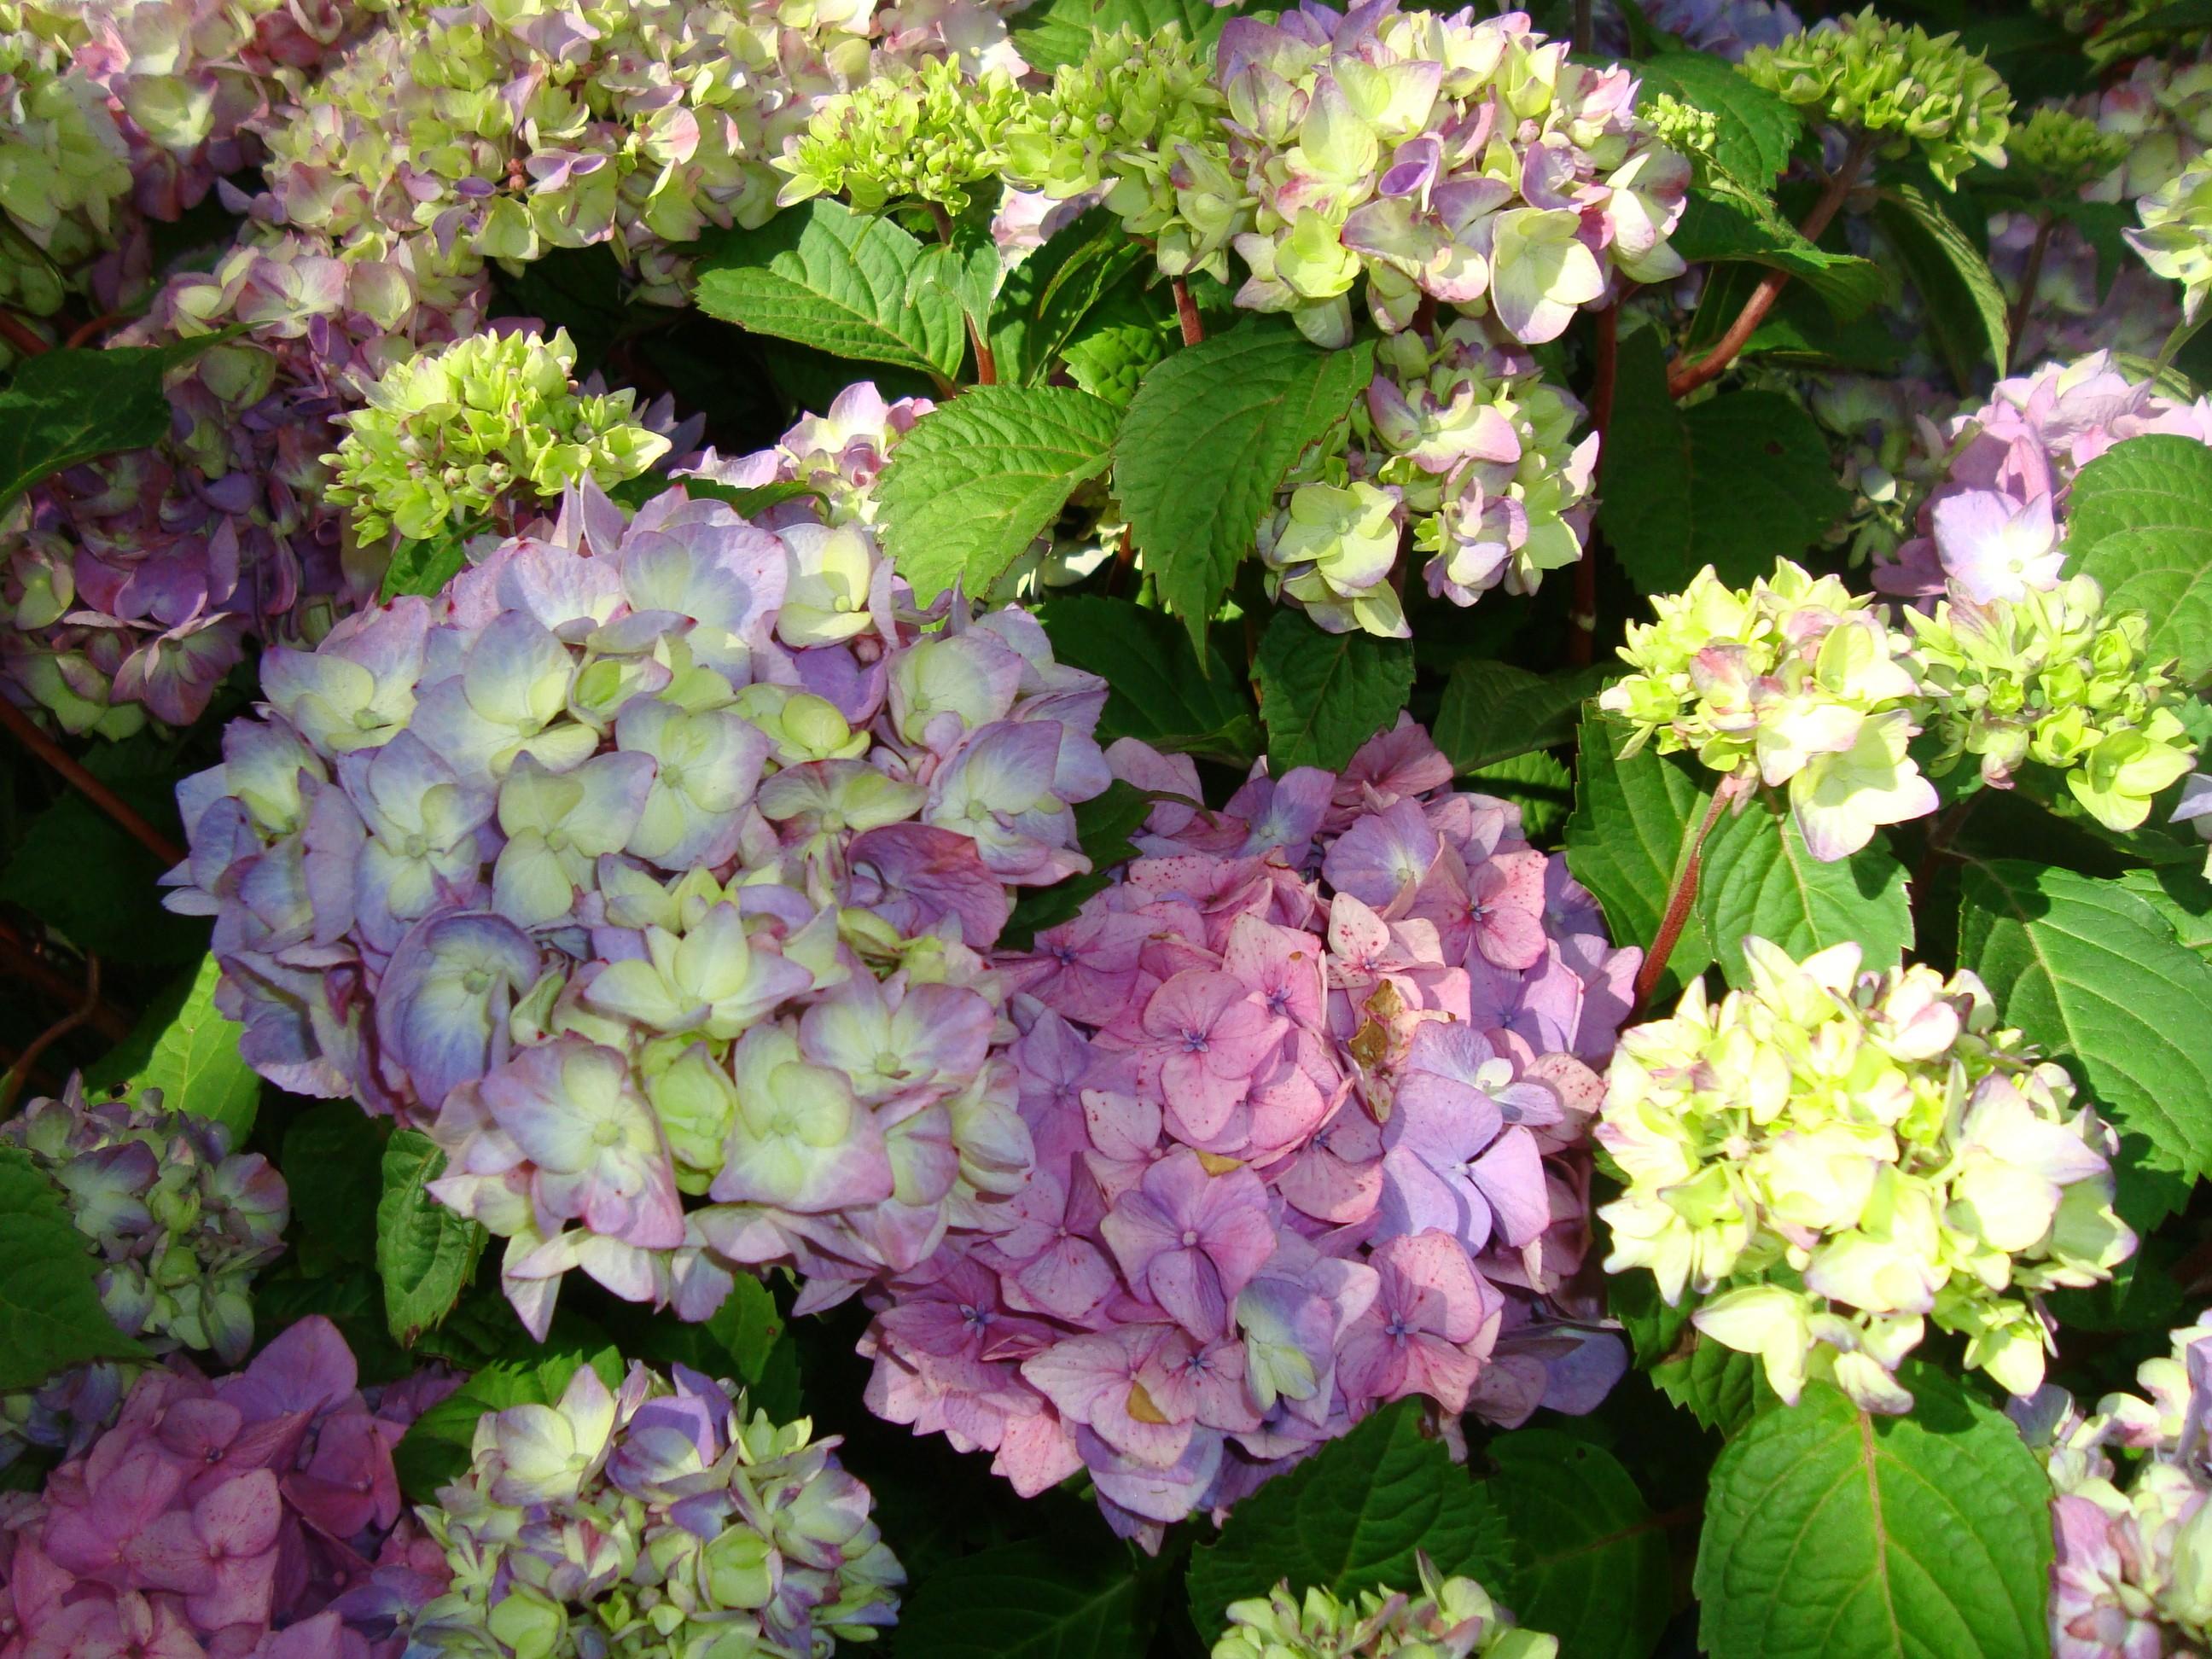 Beställ dina trädgårdsväxter nu, så levererar vi till våren vid lämplig tid. Vi garanterar alltid högsta kvalitet, till förmånligt pris.